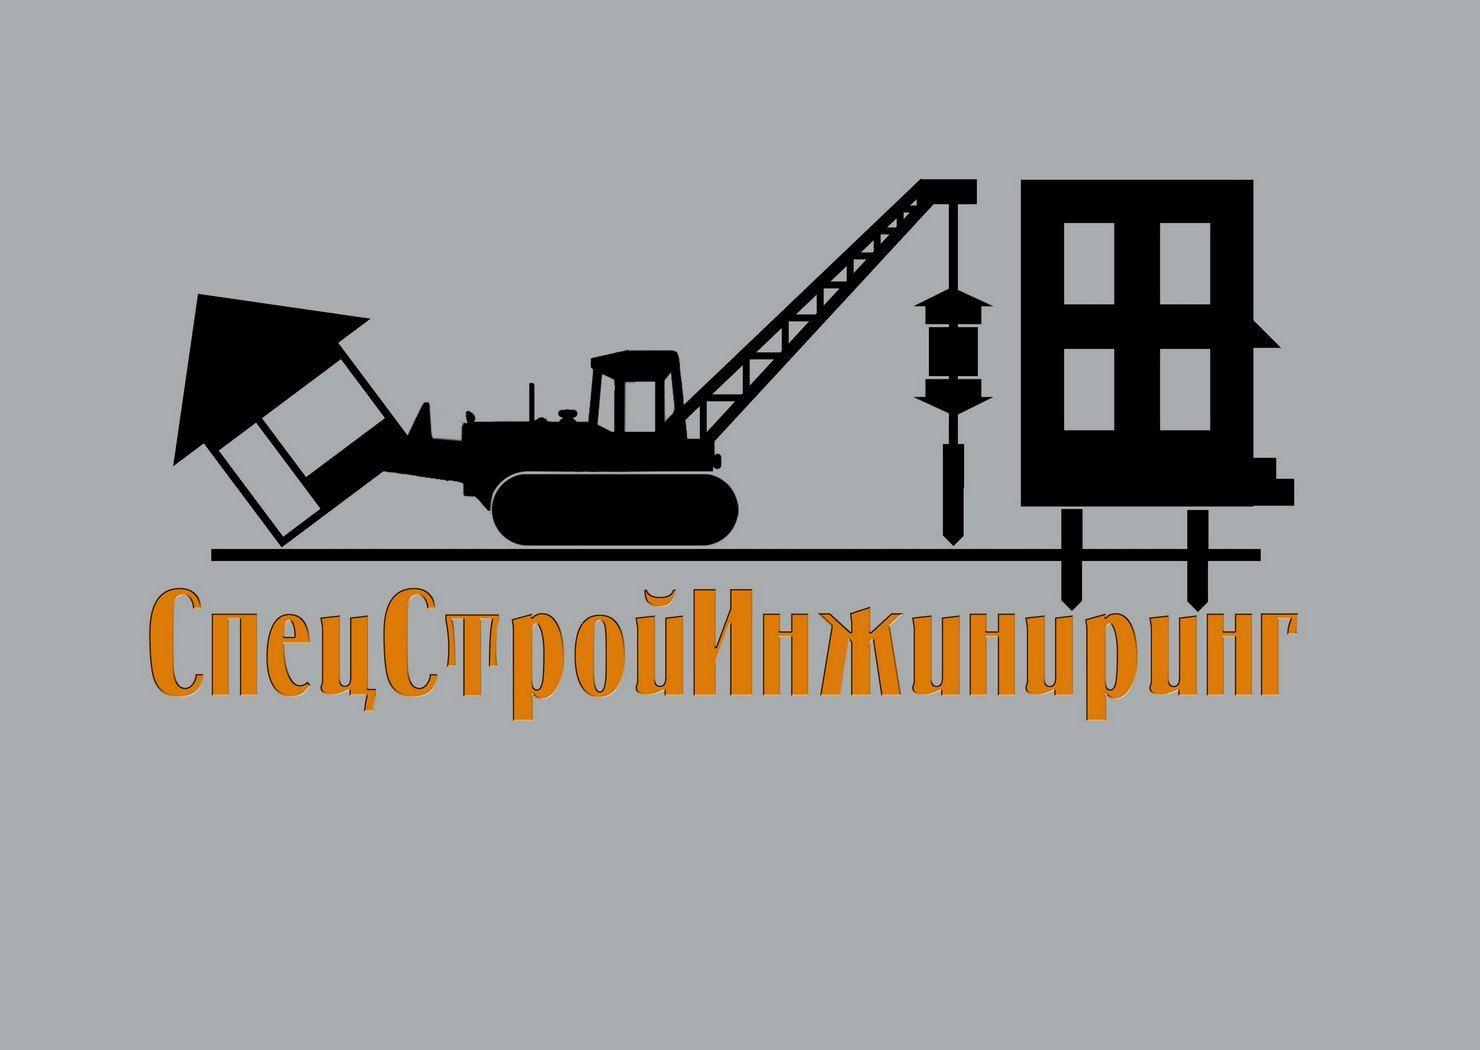 Логотип для строительной компании - дизайнер ddn77